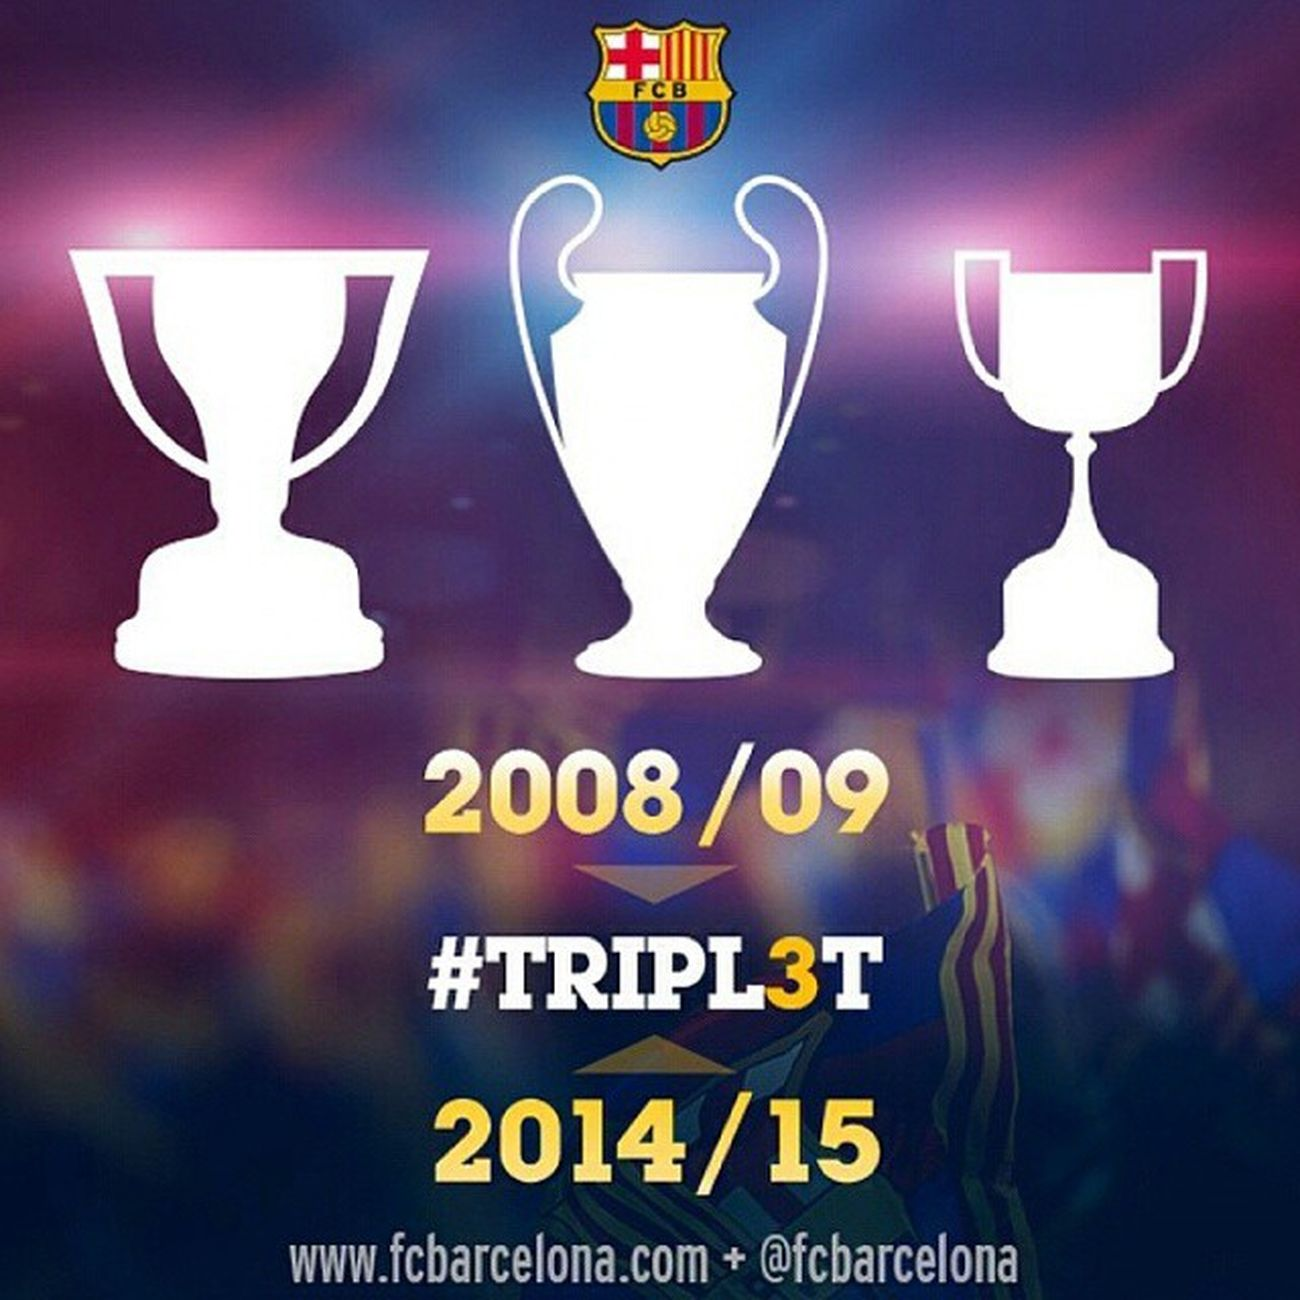 TRIPL3T